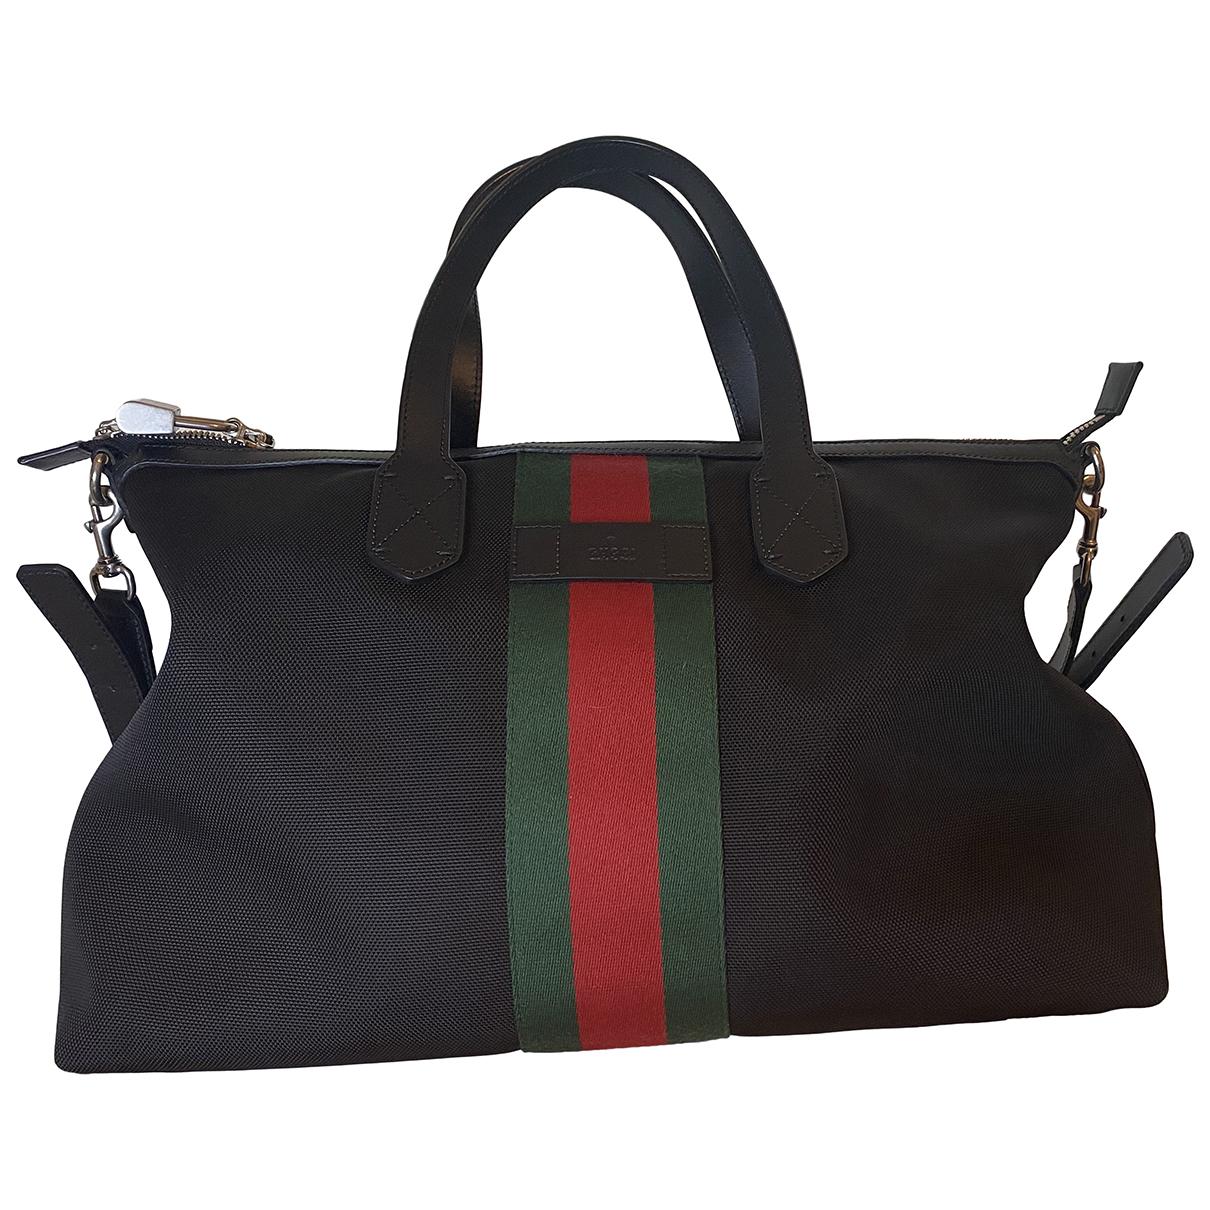 Gucci - Sac a main   pour femme - noir